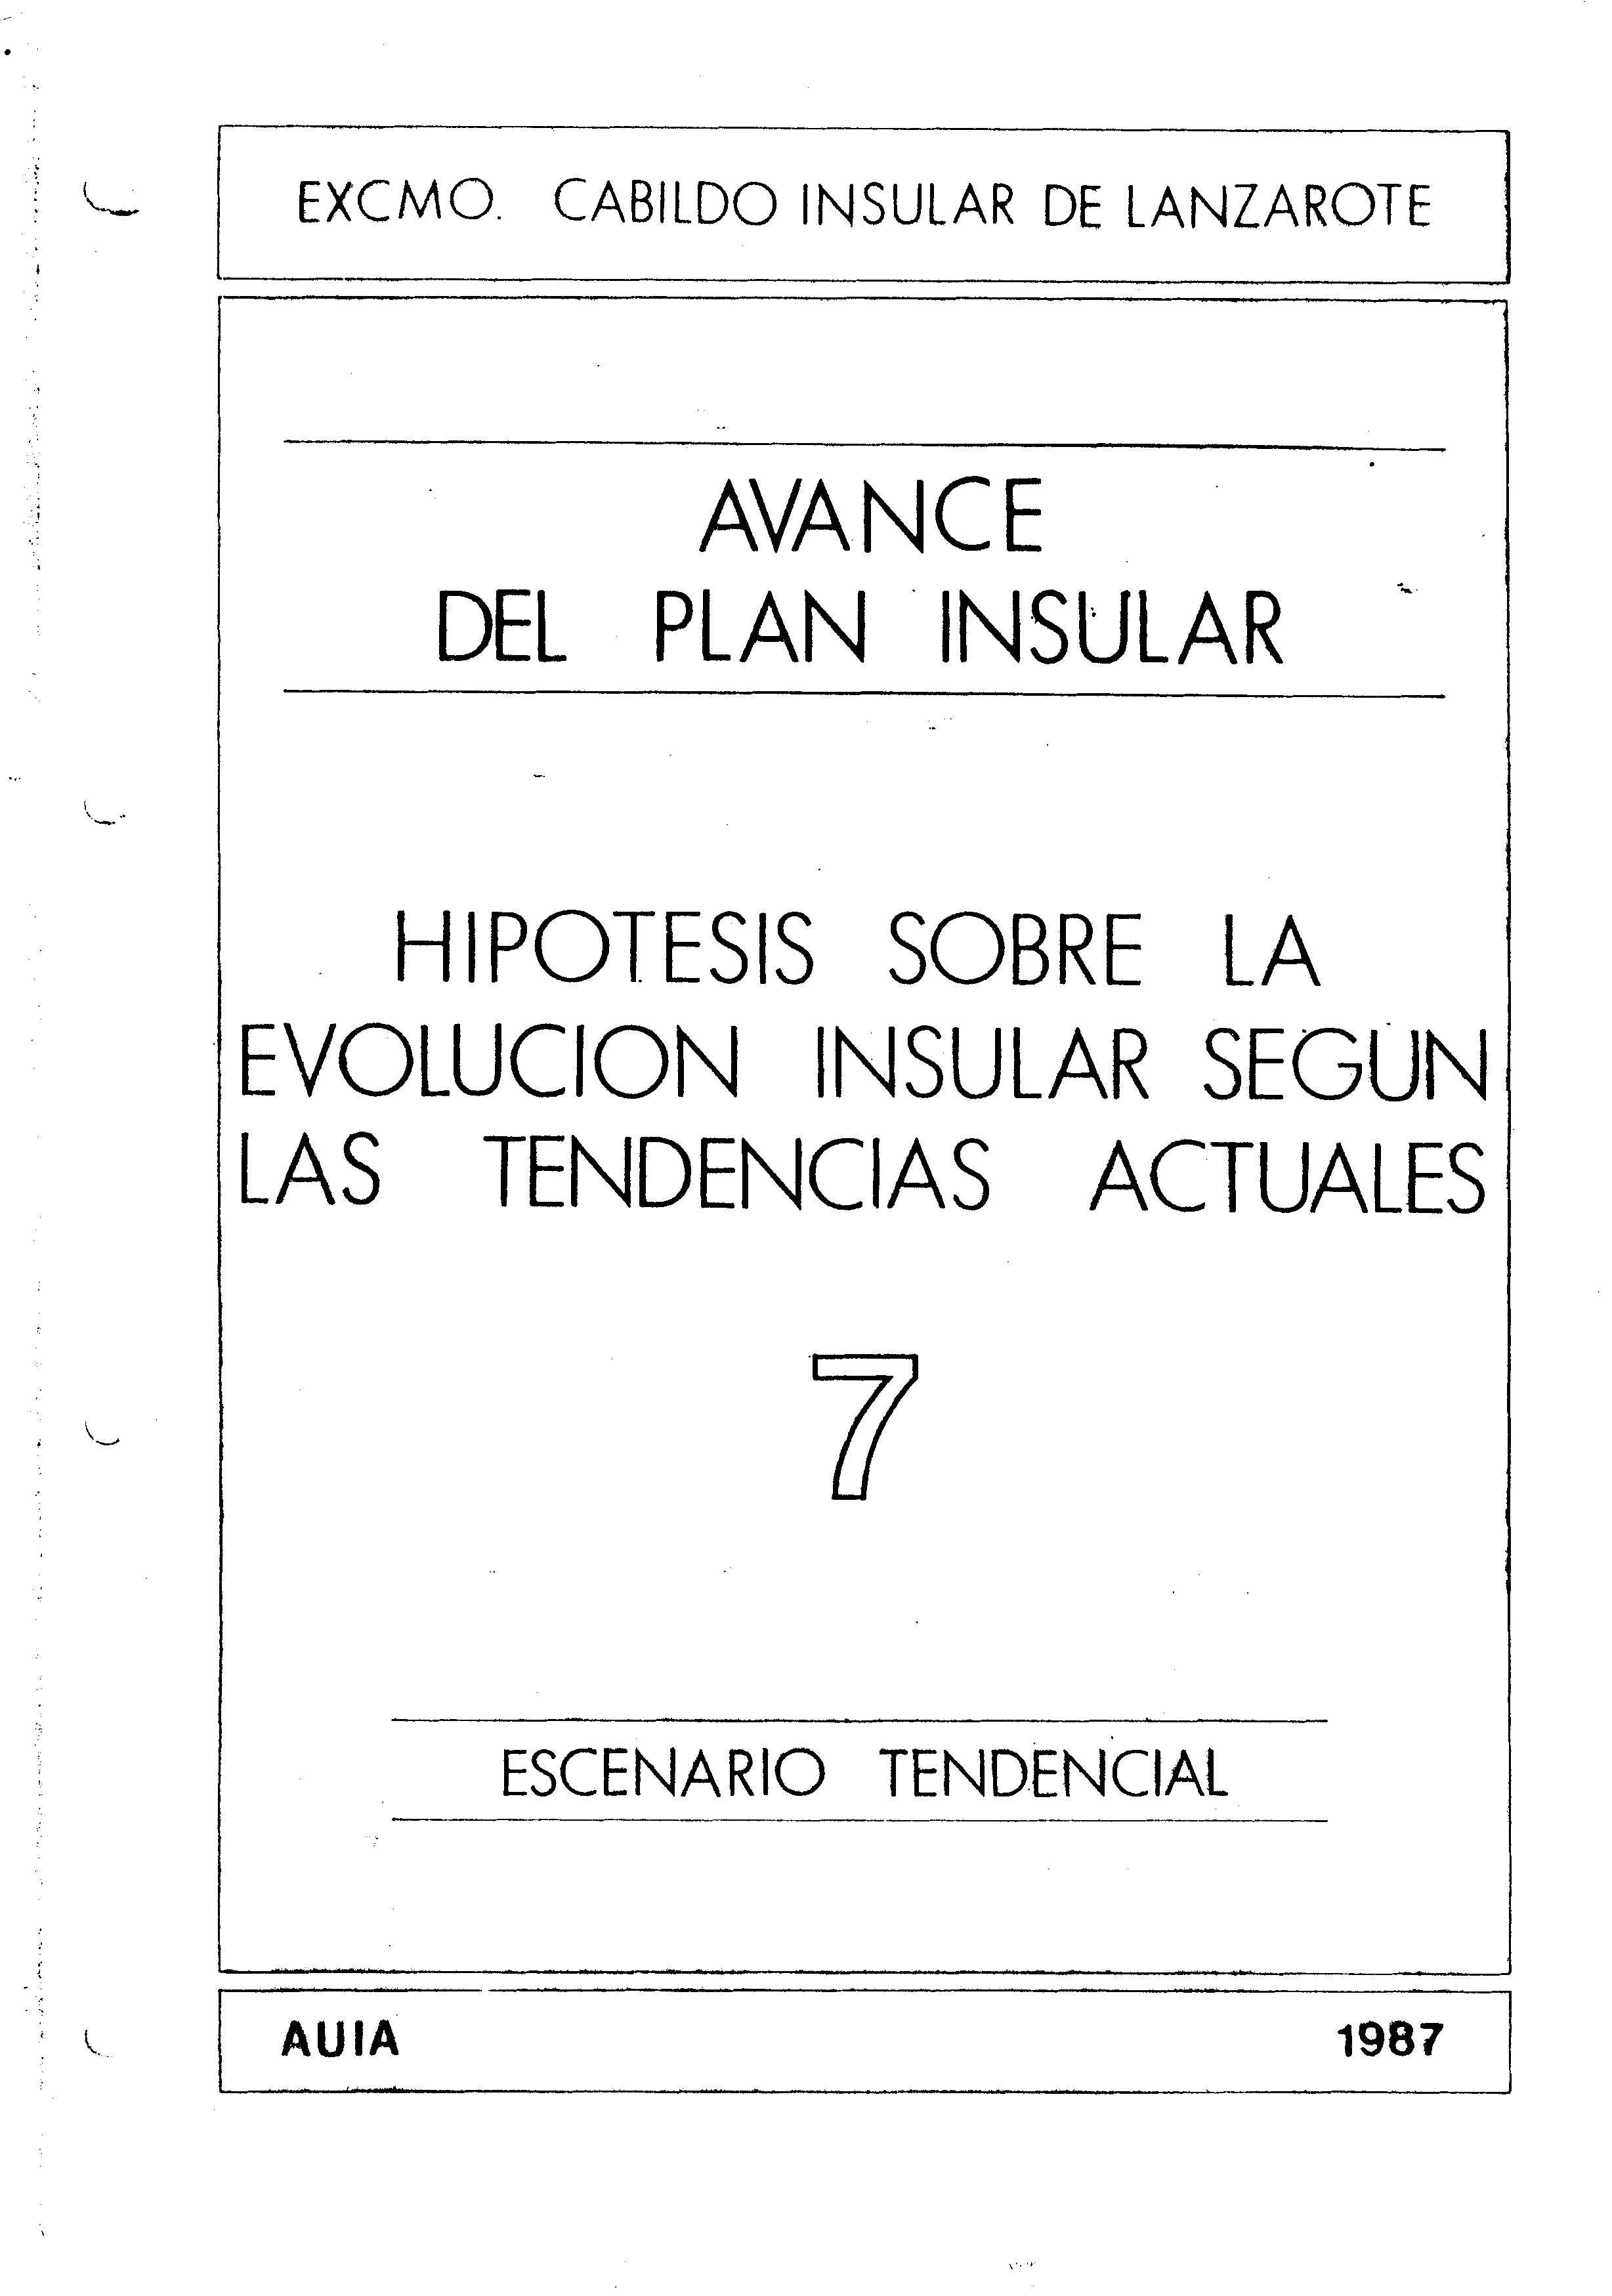 Tomo 7. Escenario Tendencial. Avance Plan Insular (1987)